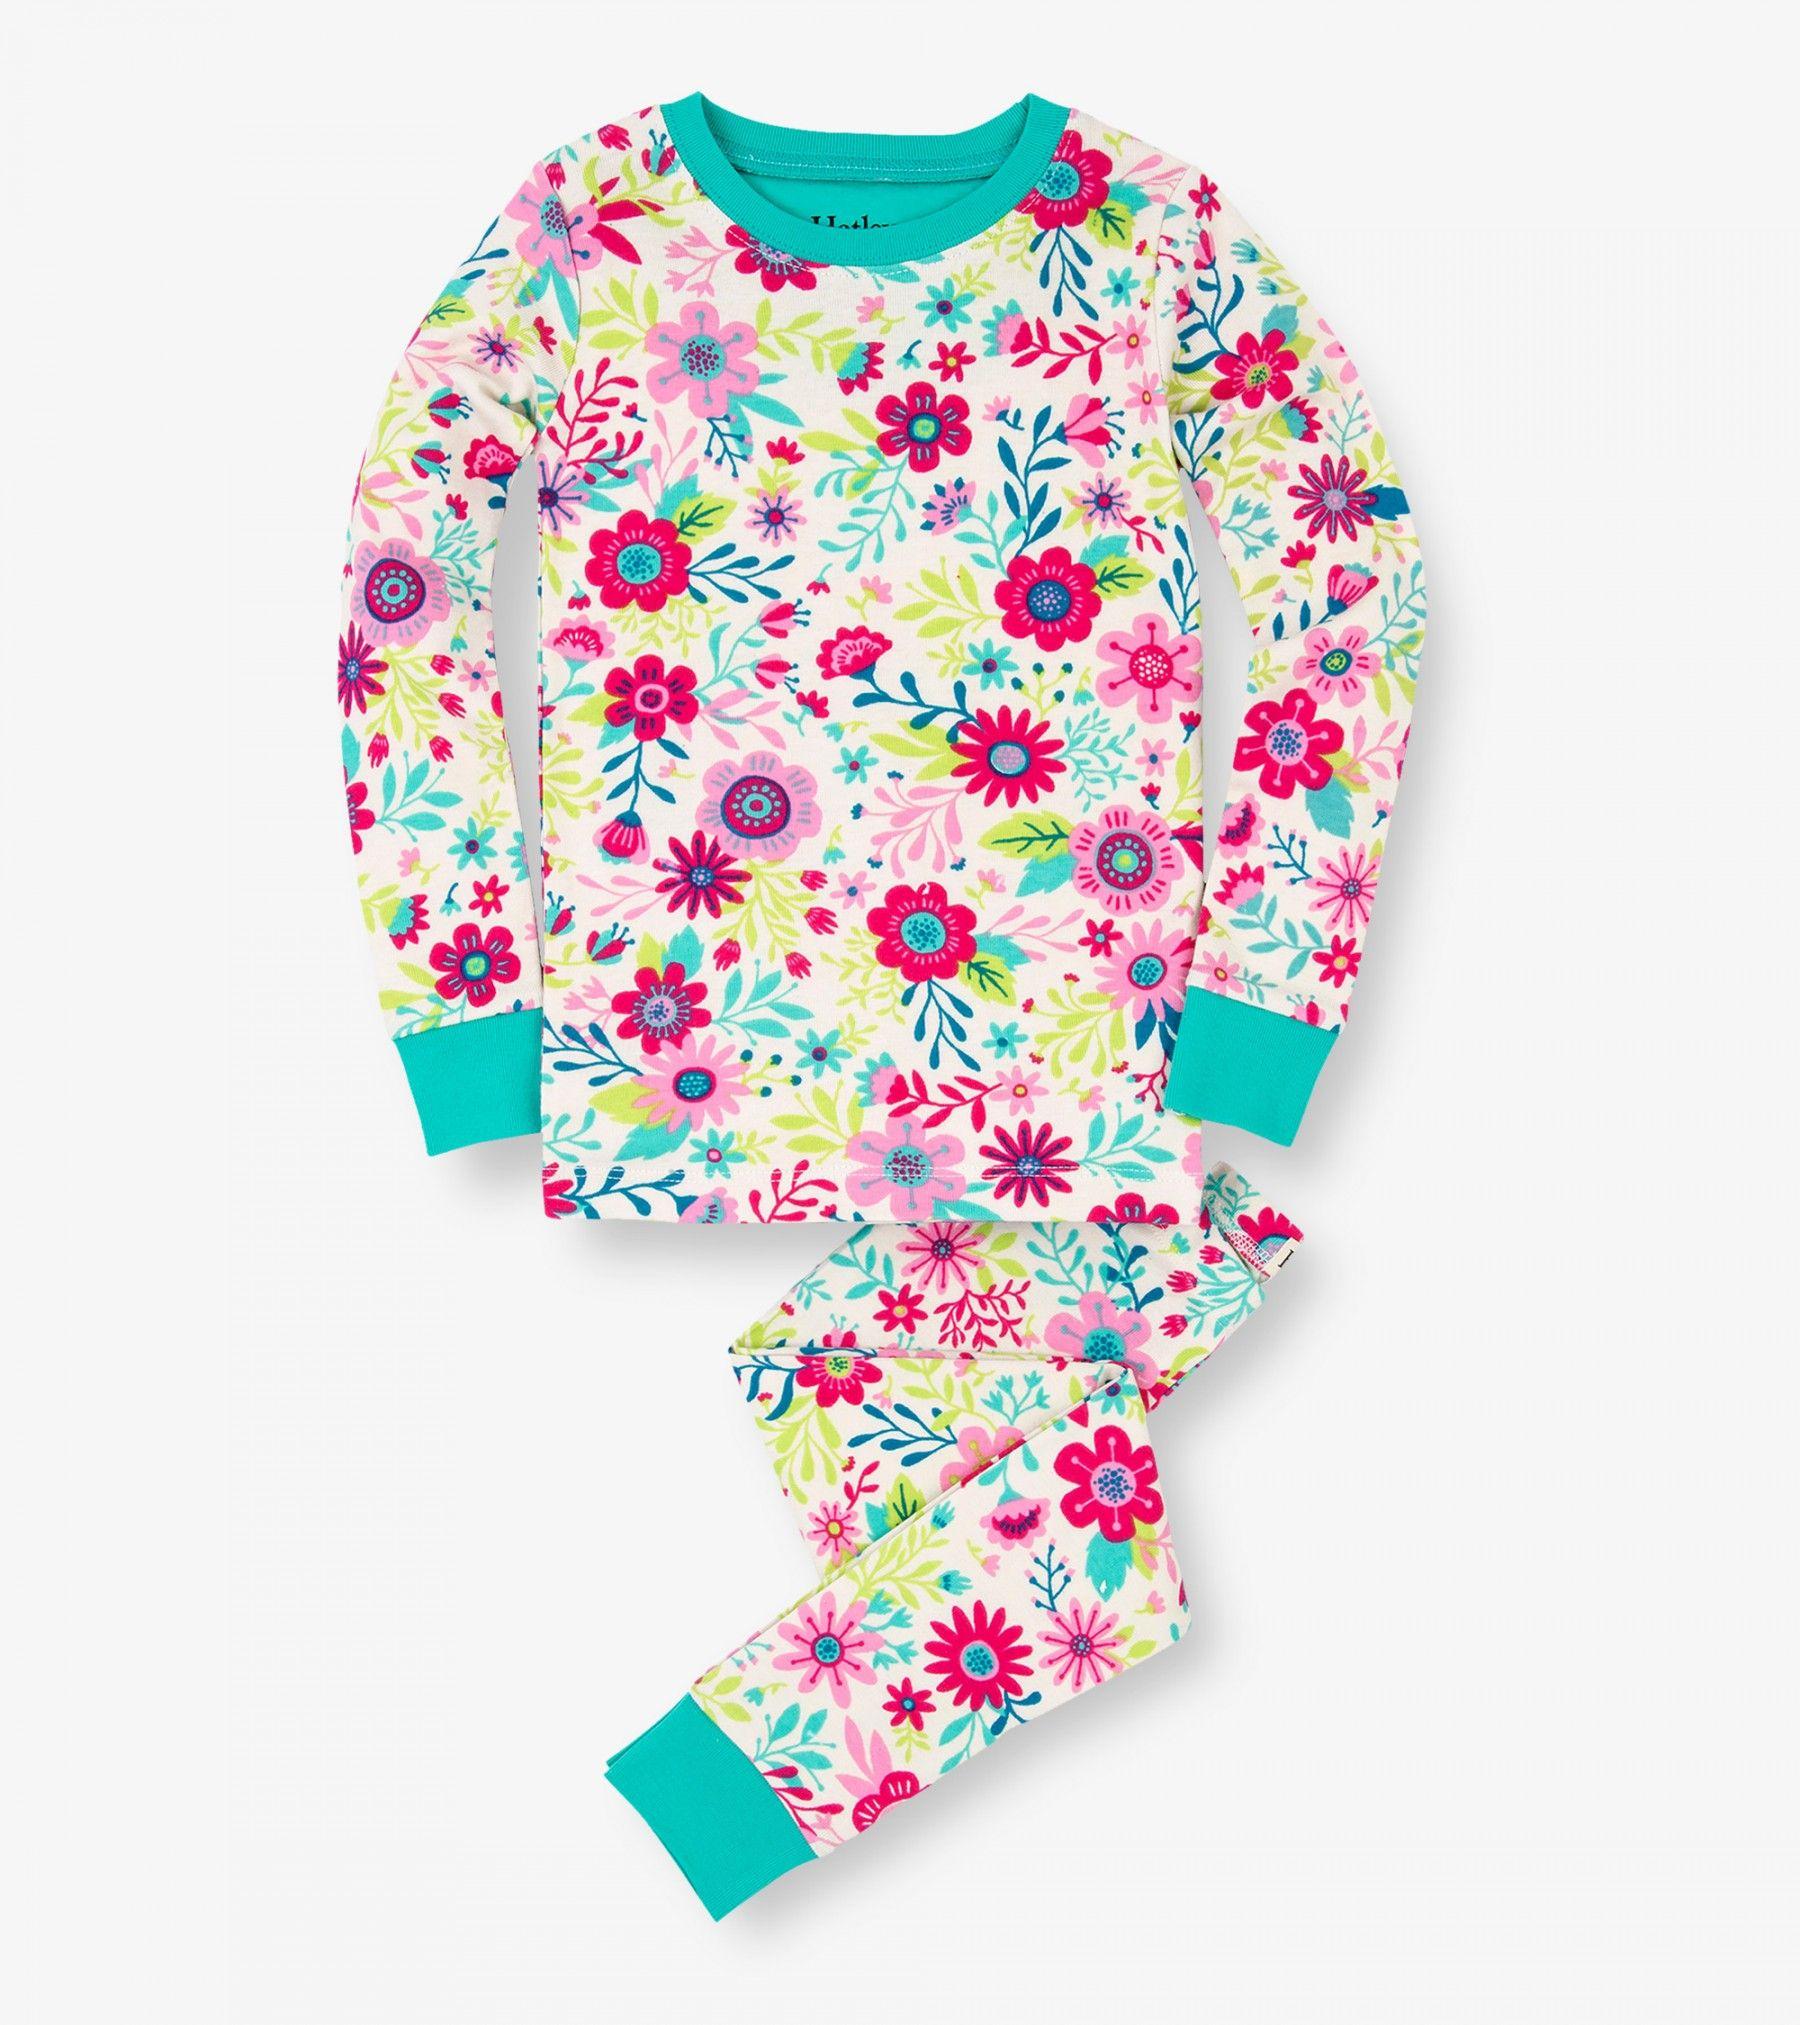 Flowers Organic Cotton Pajama Set Long Pajamas